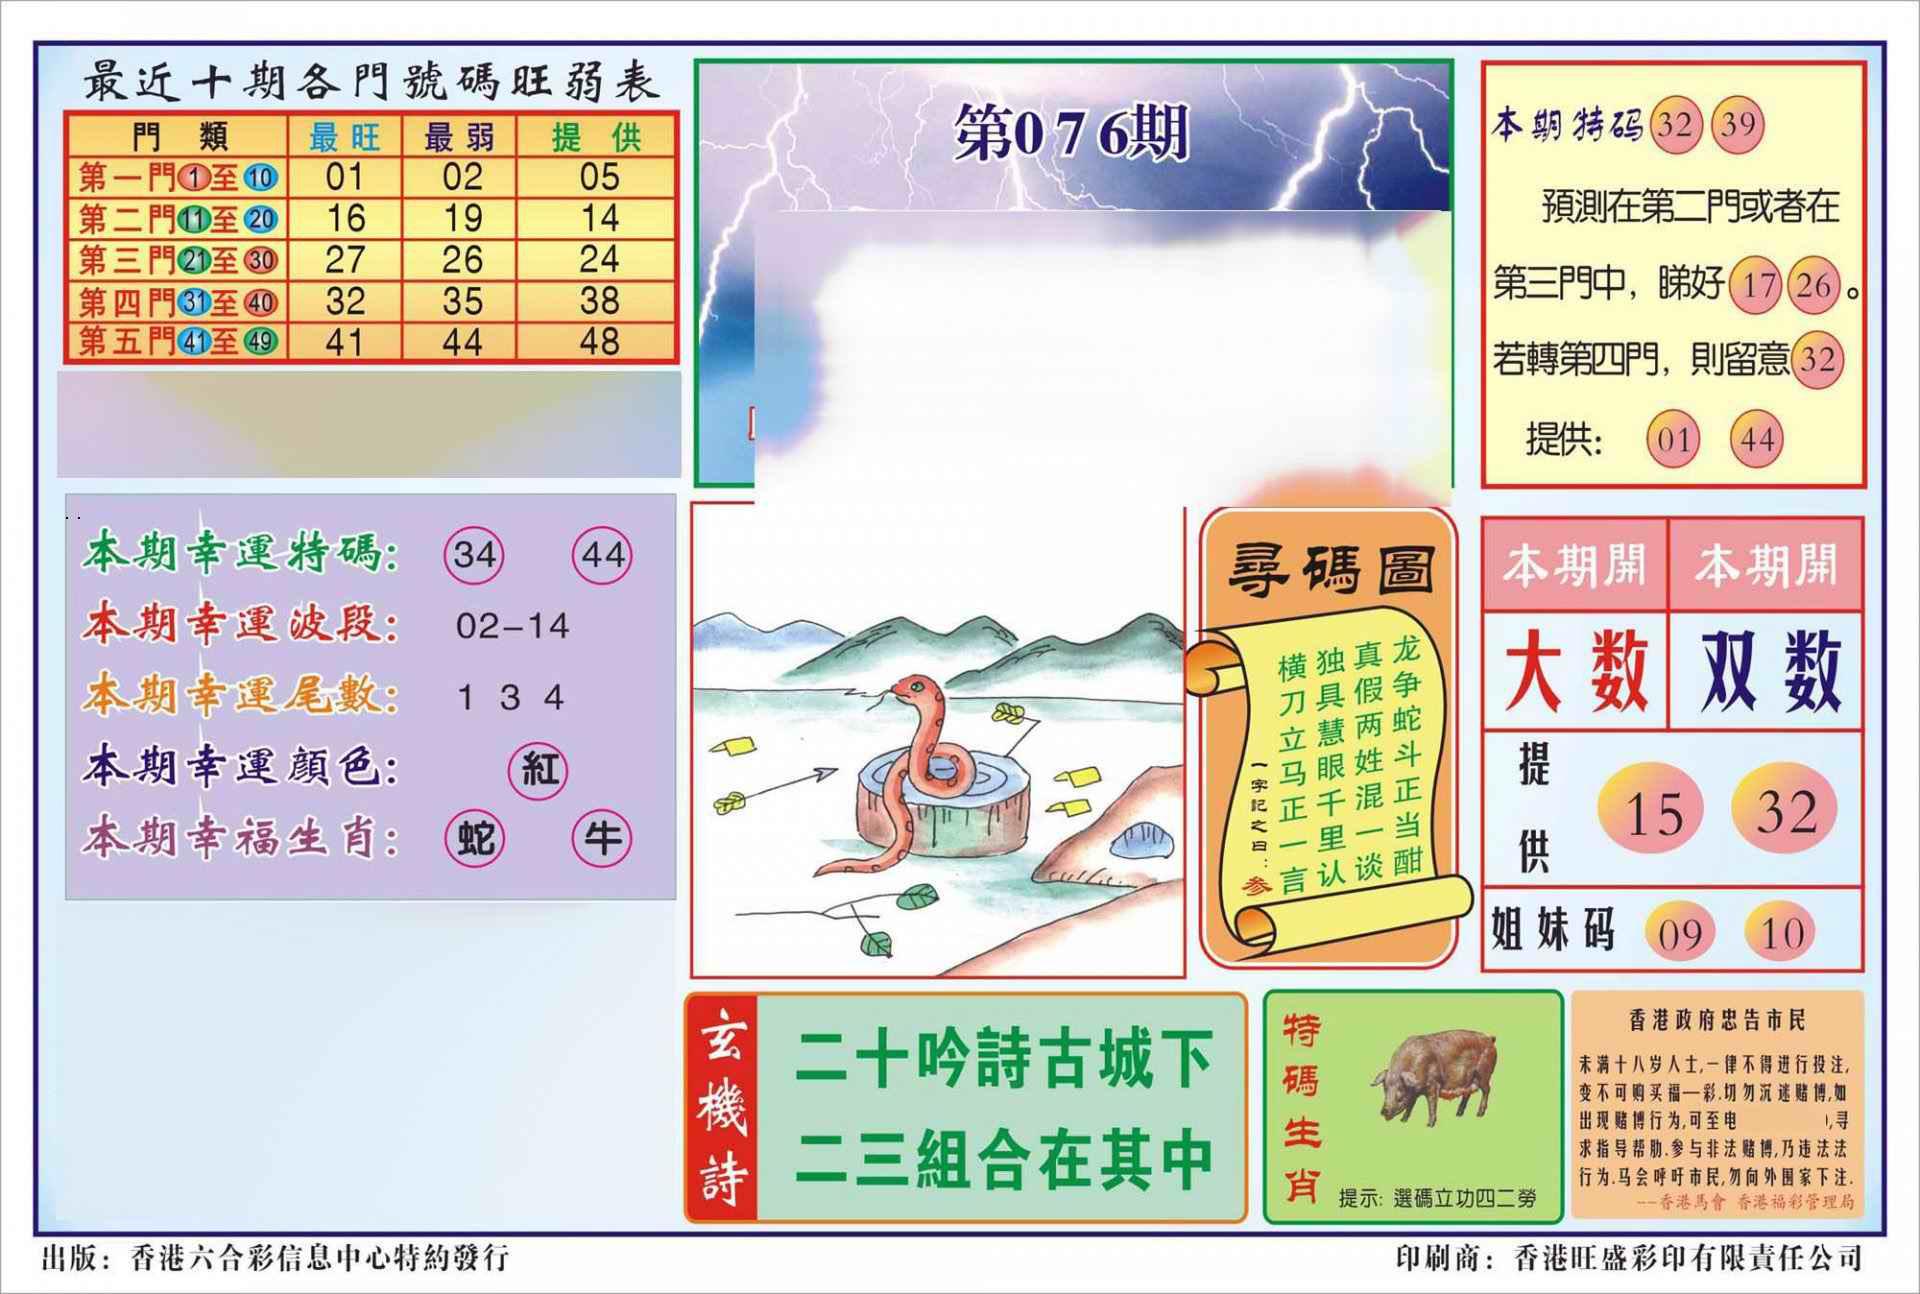 076期香港逢赌必羸(新图)